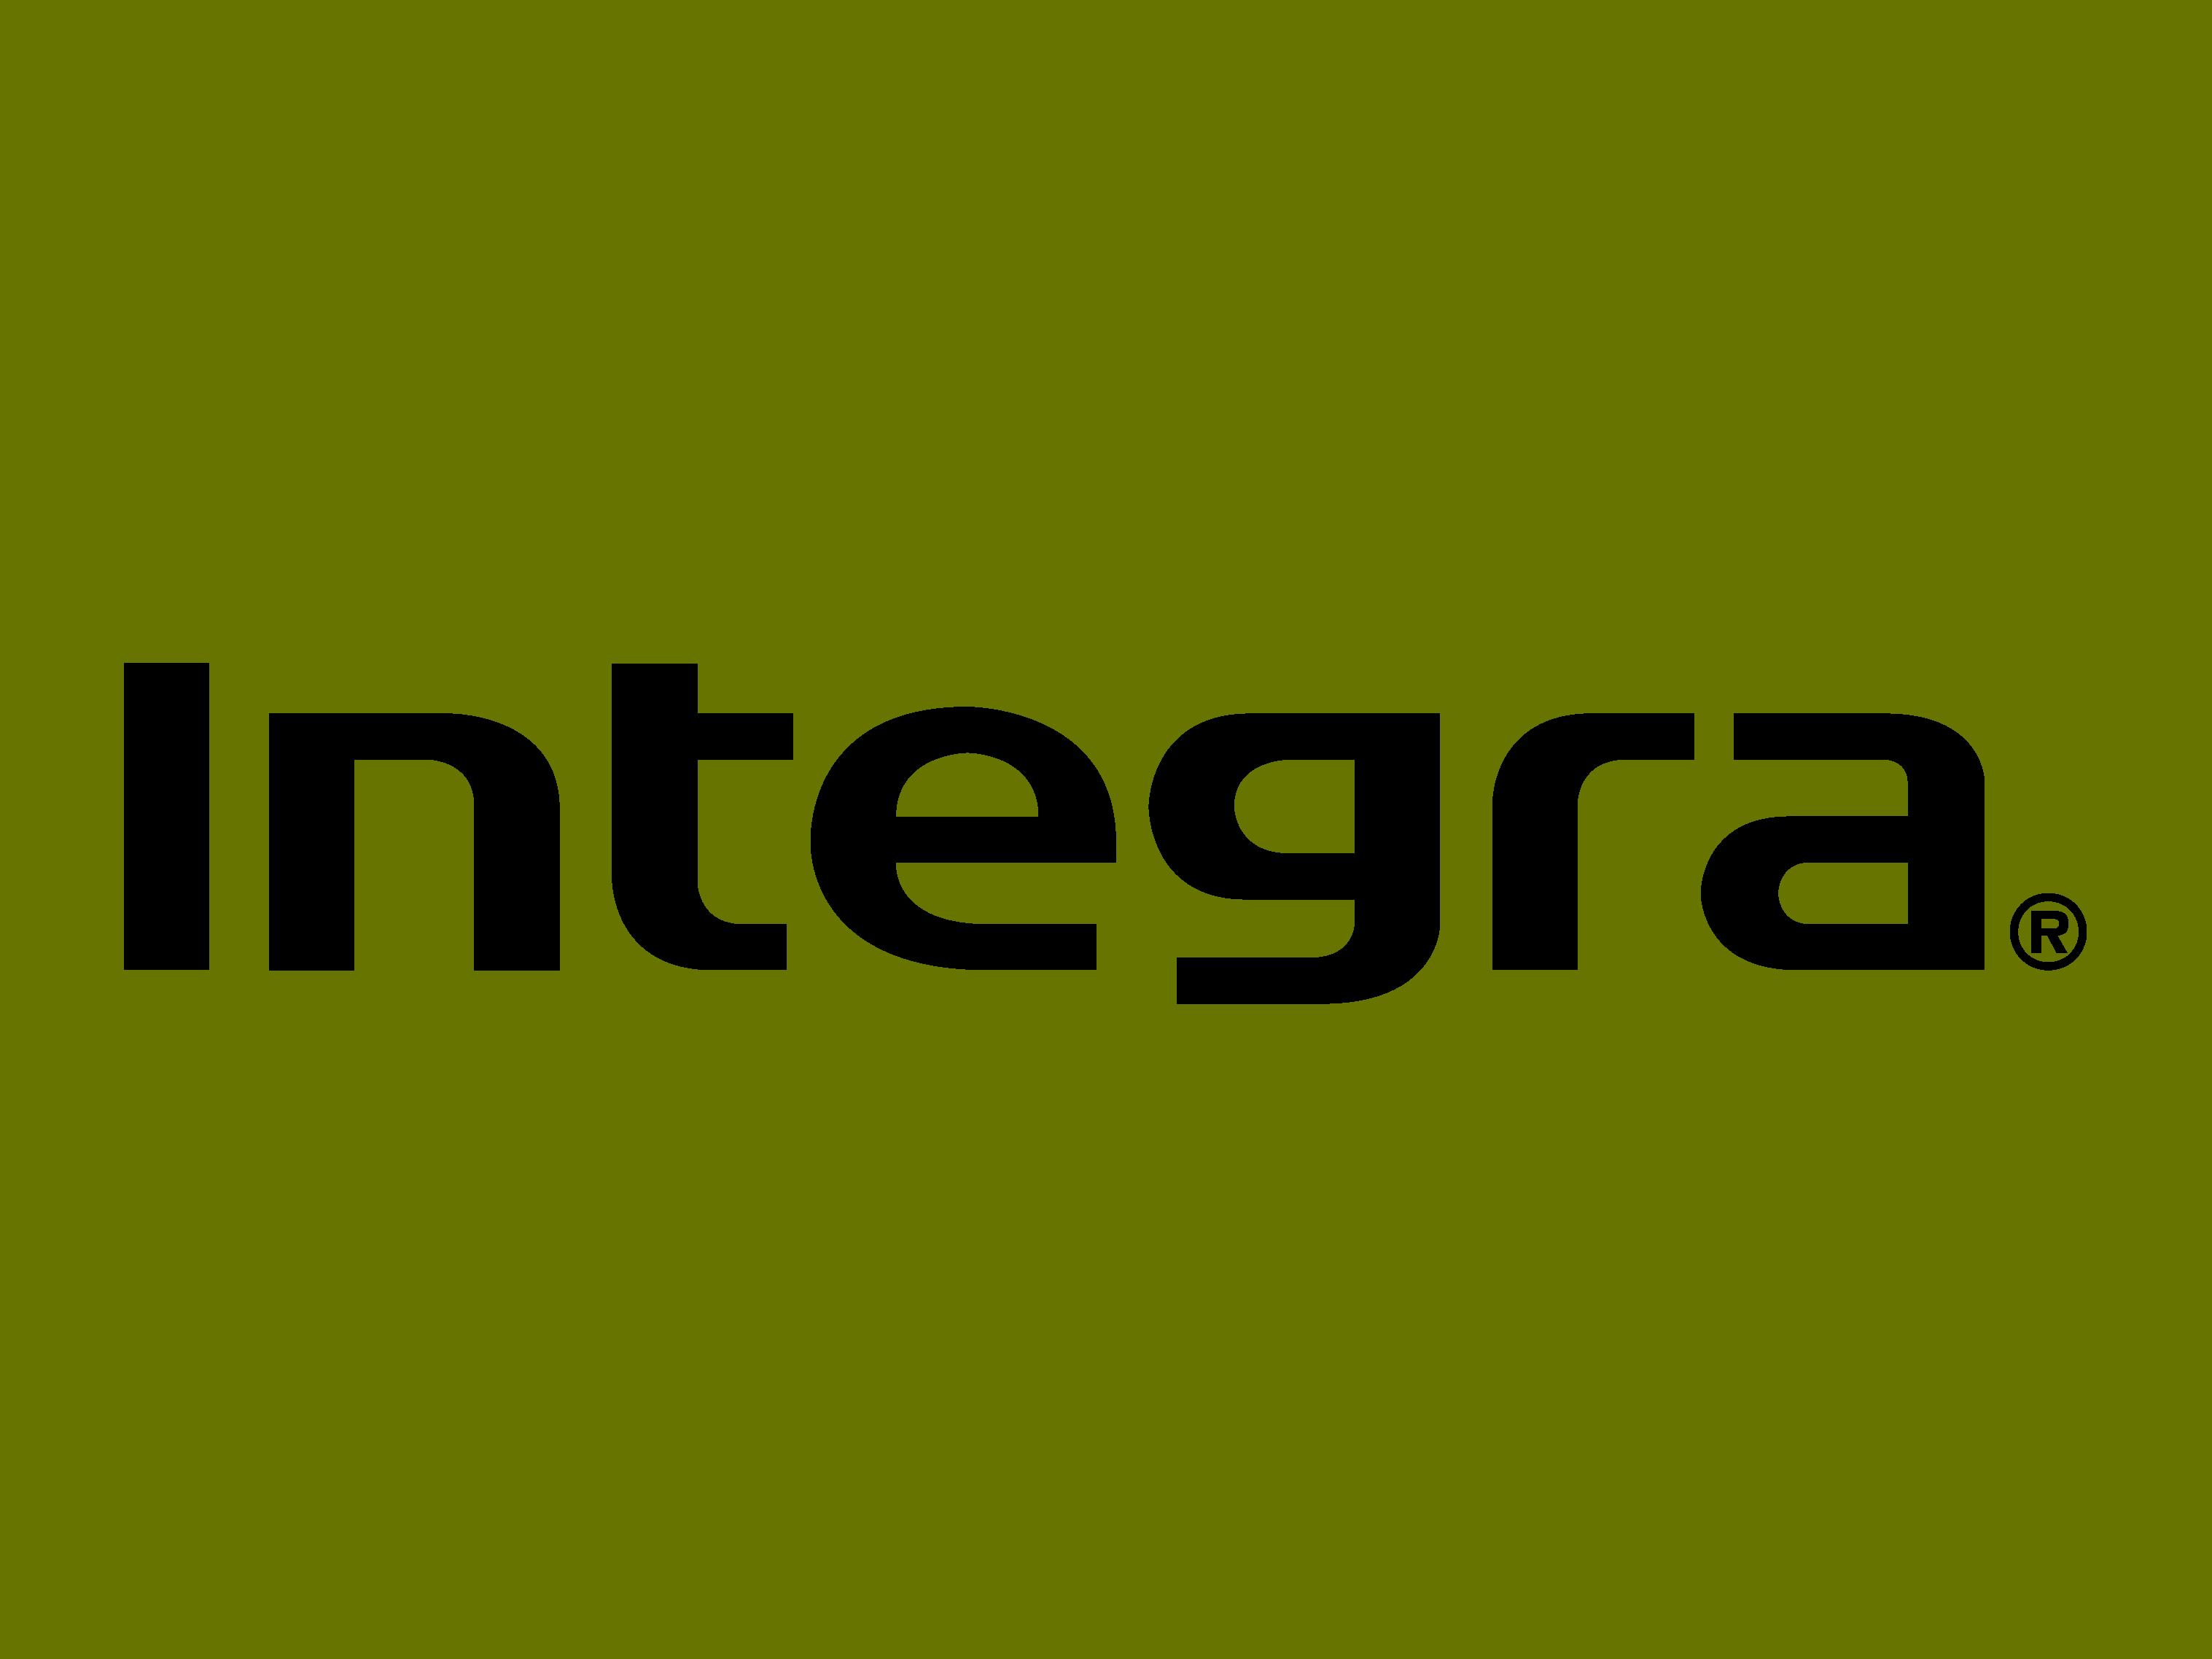 Логотип Integra - АВ-ресиверы для кинозалов